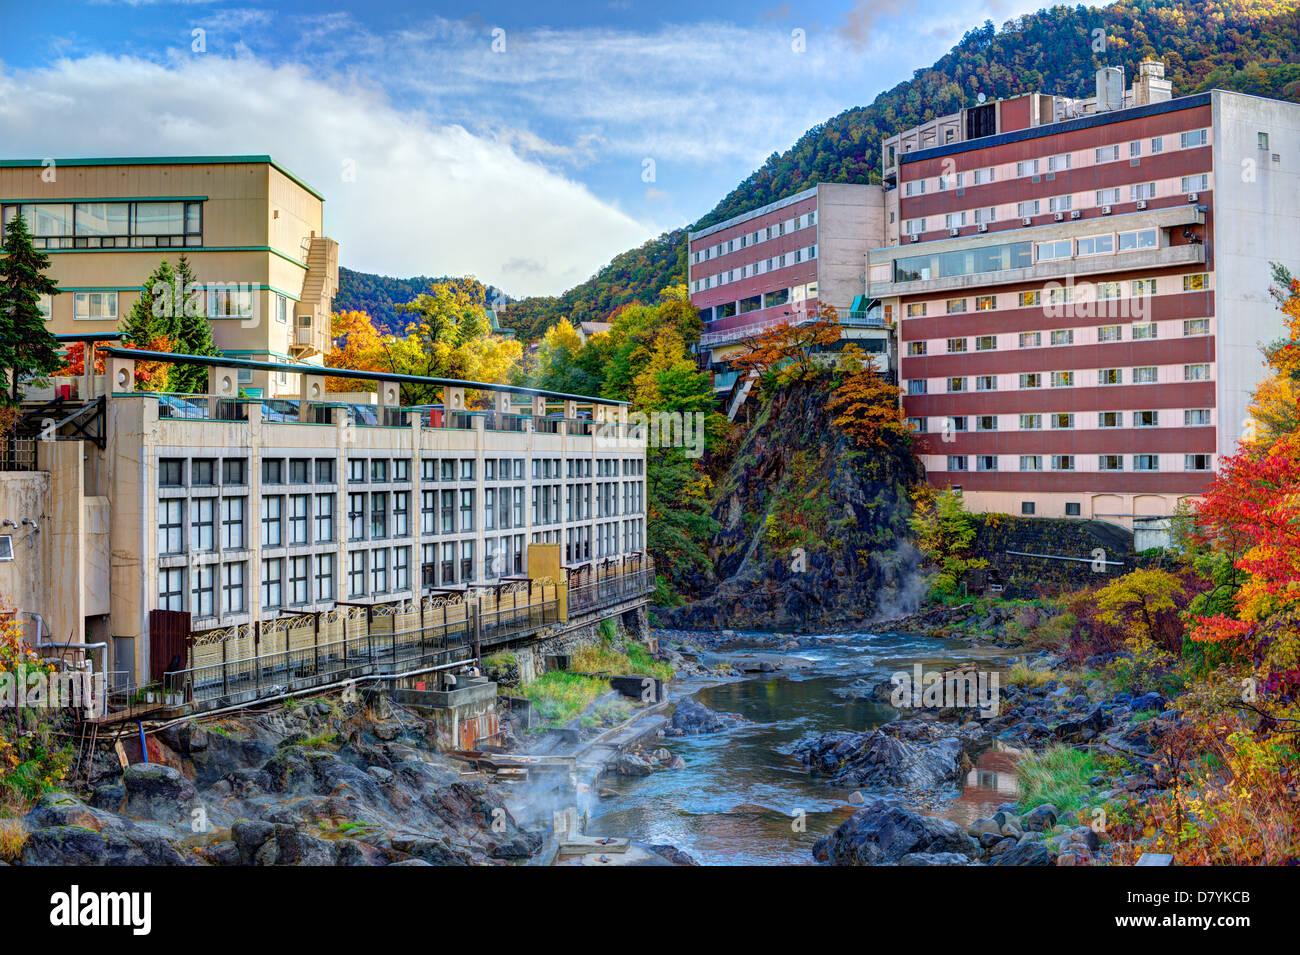 Hot Springs resort town of Jozankei, Hokkaido, Japan. - Stock Image